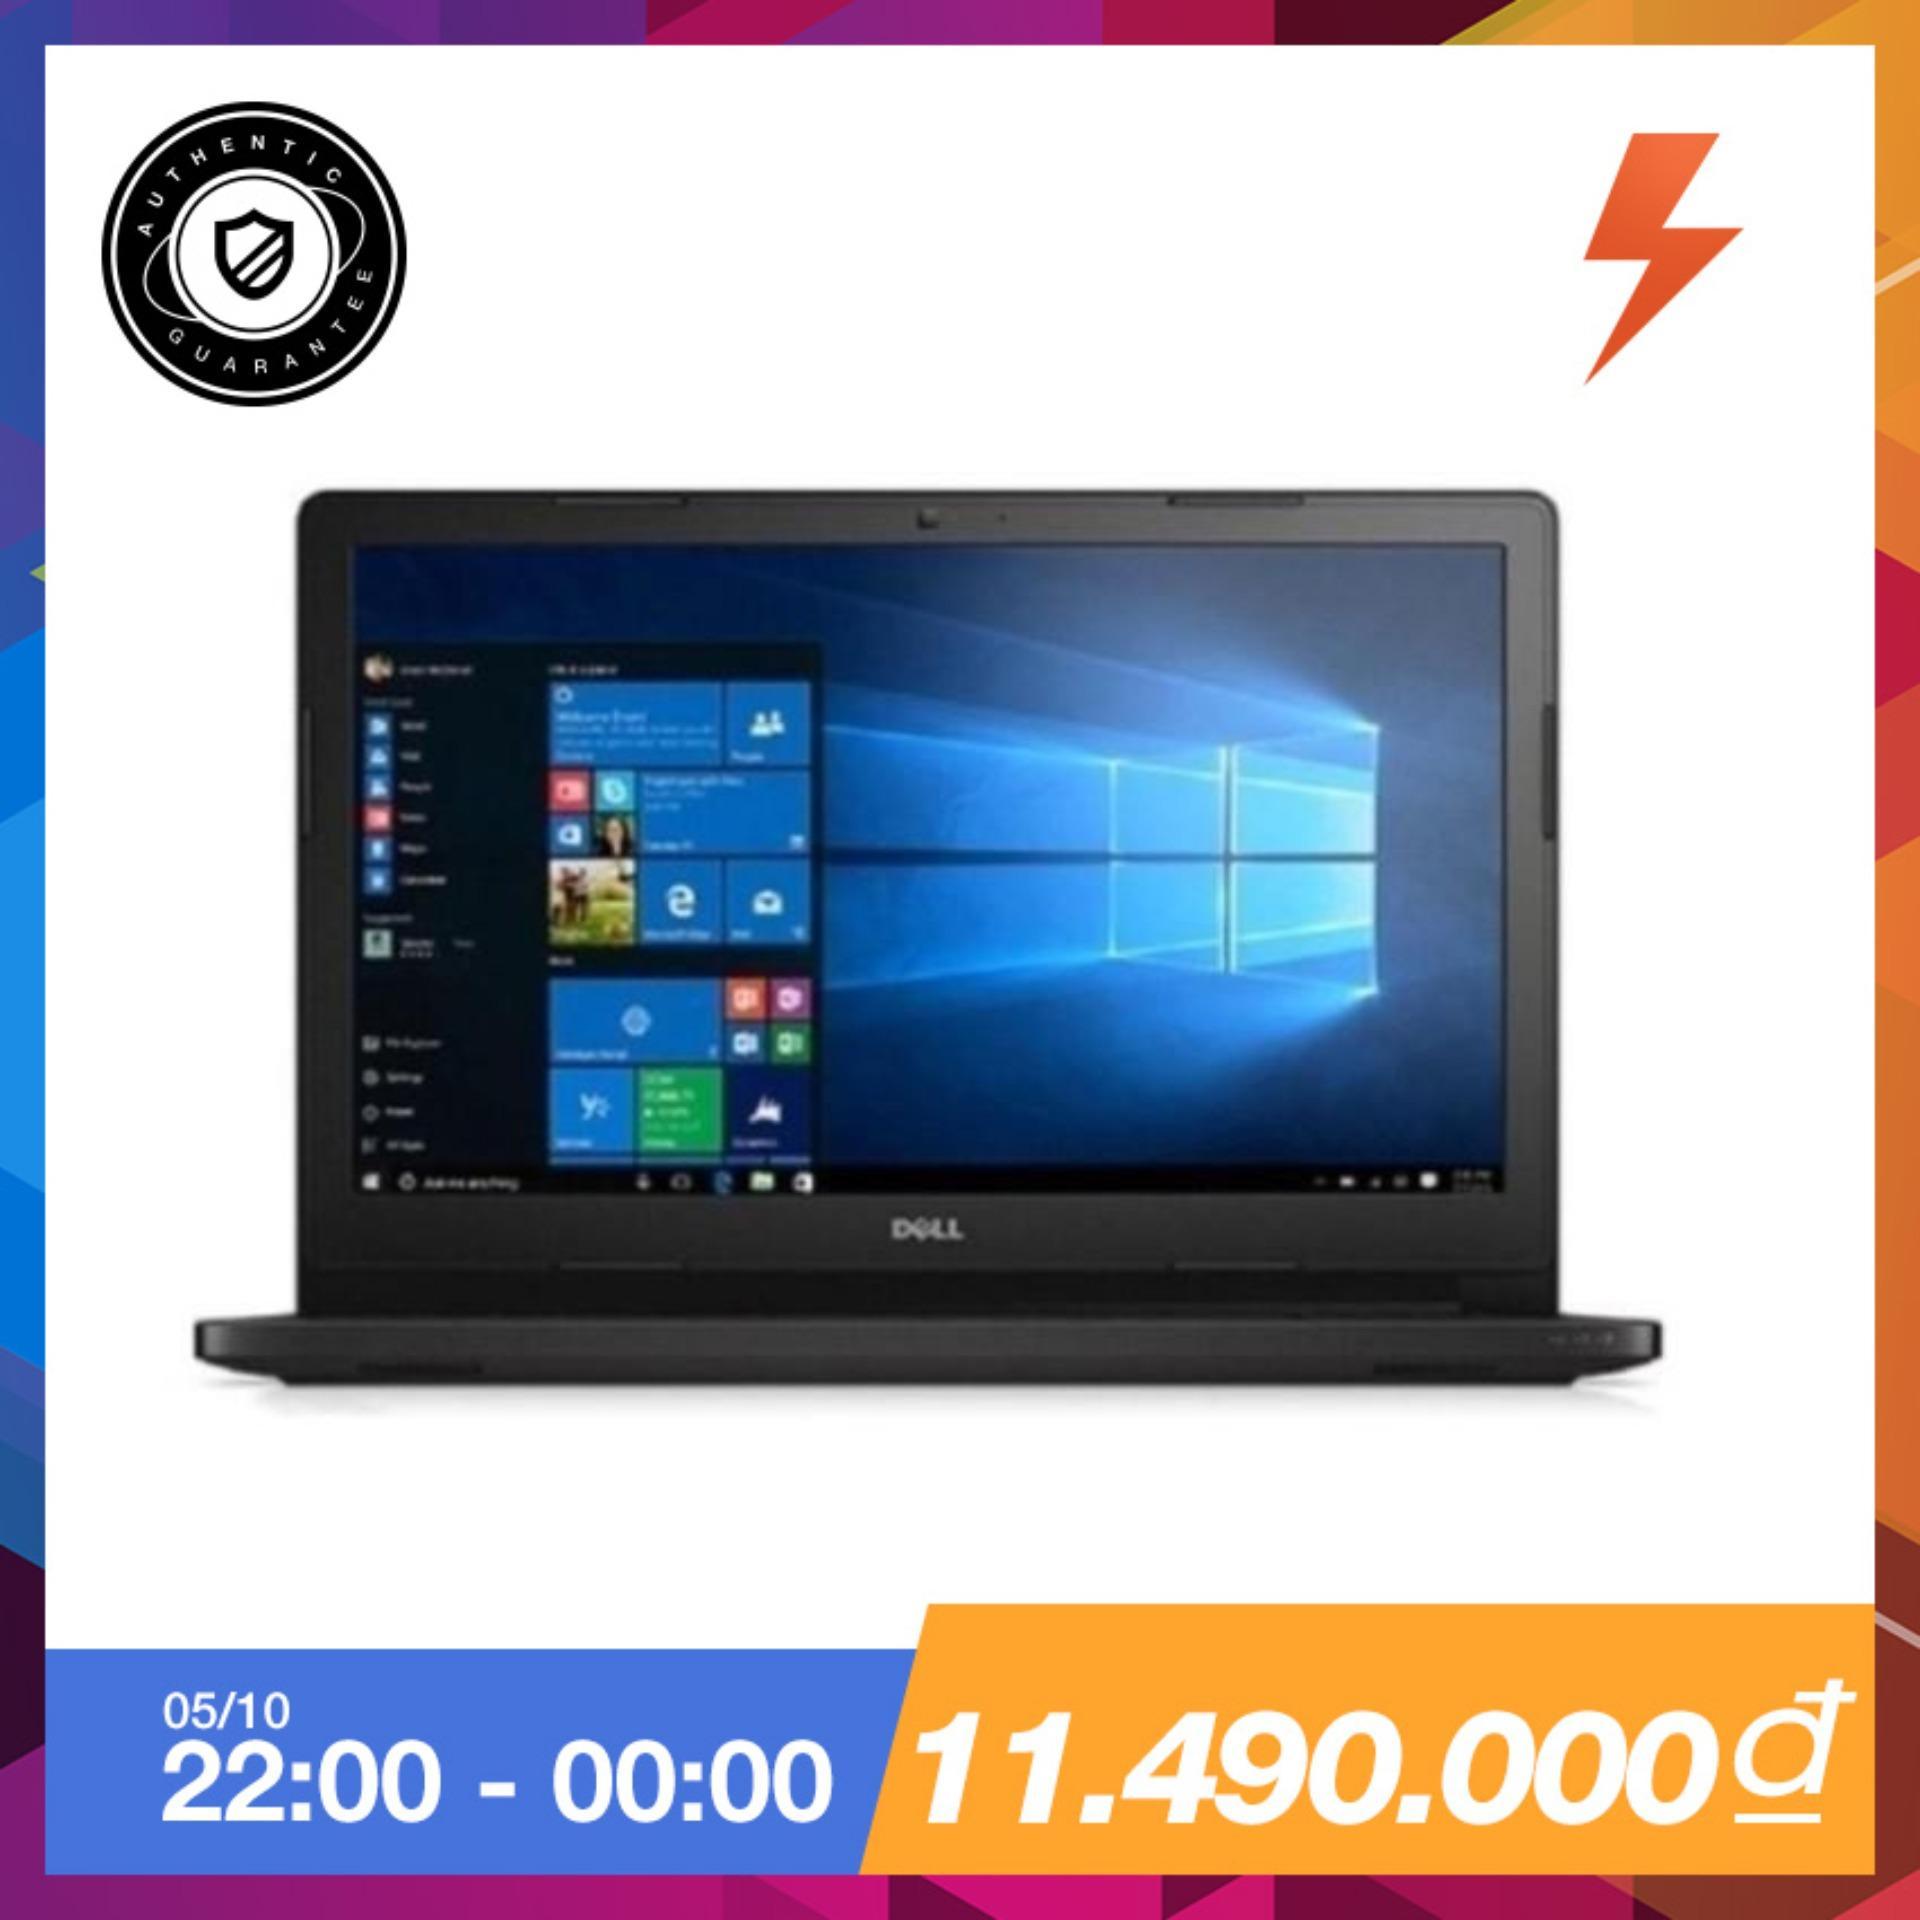 Chiết Khấu Laptop Dell Vostro 3568 Xf6C61 Core I5 7200U Ram 4Gb 1Tb Inch Dvdrw Đen Hang Phan Phối Chinh Thức